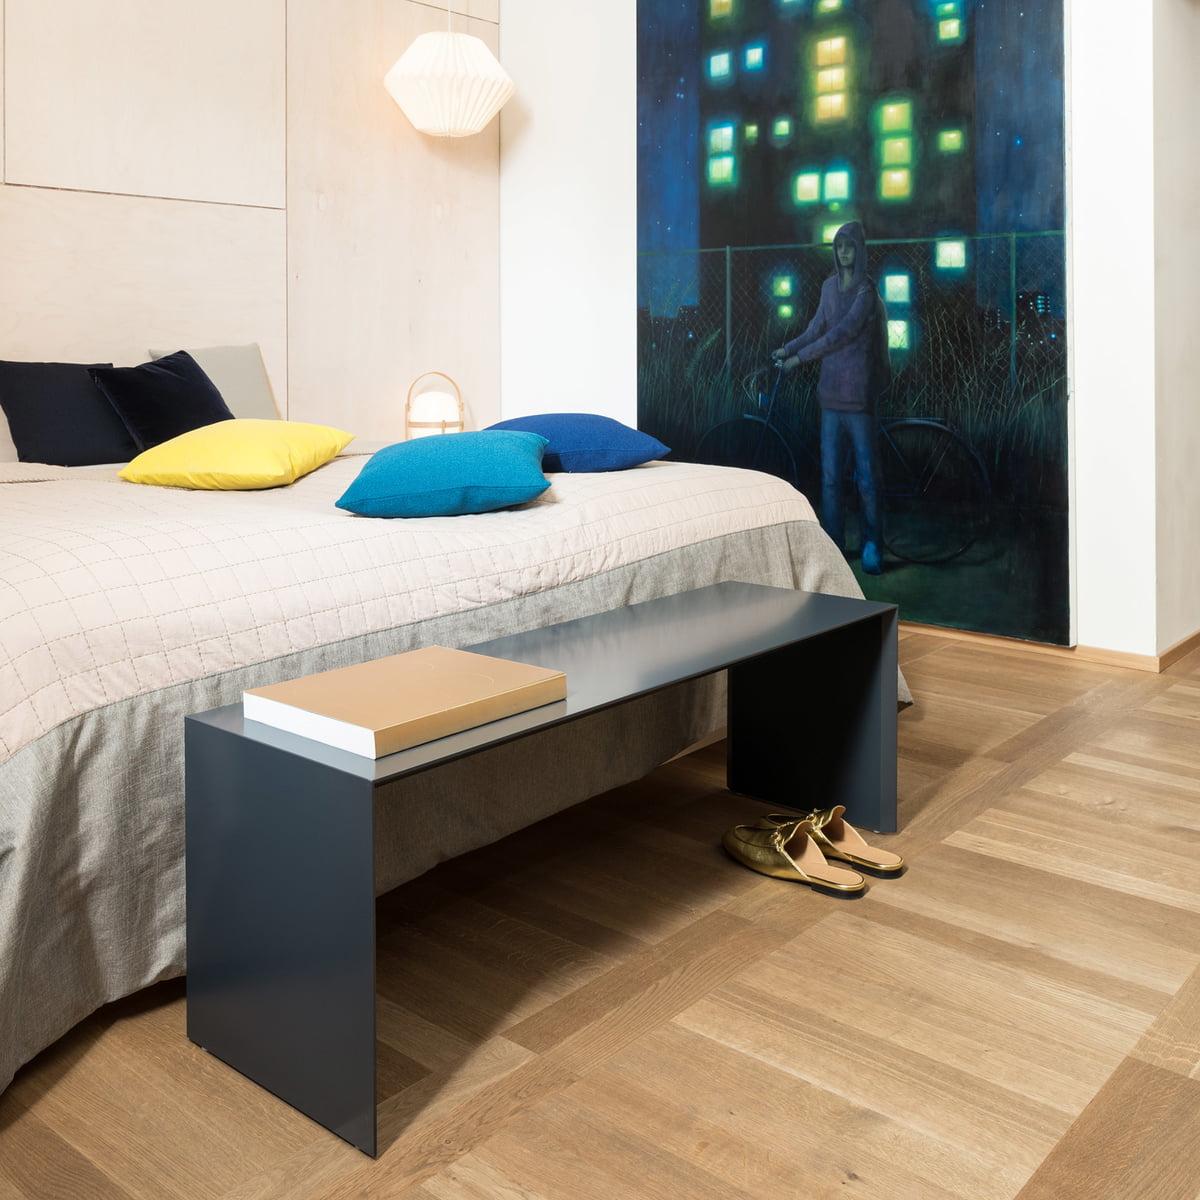 10 modern schlafzimmer bank designs, add on bench by schönbuch | connox shop, Design ideen